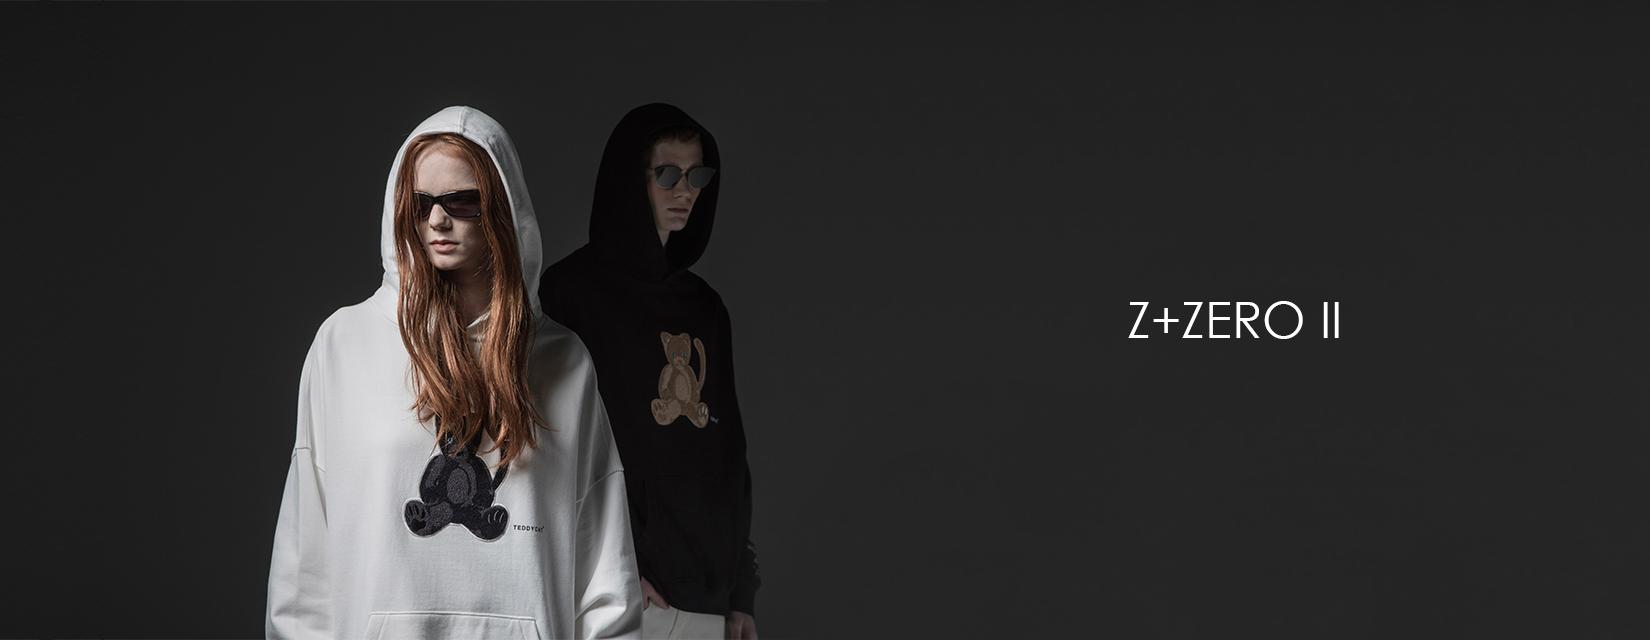 Z+ZERO II